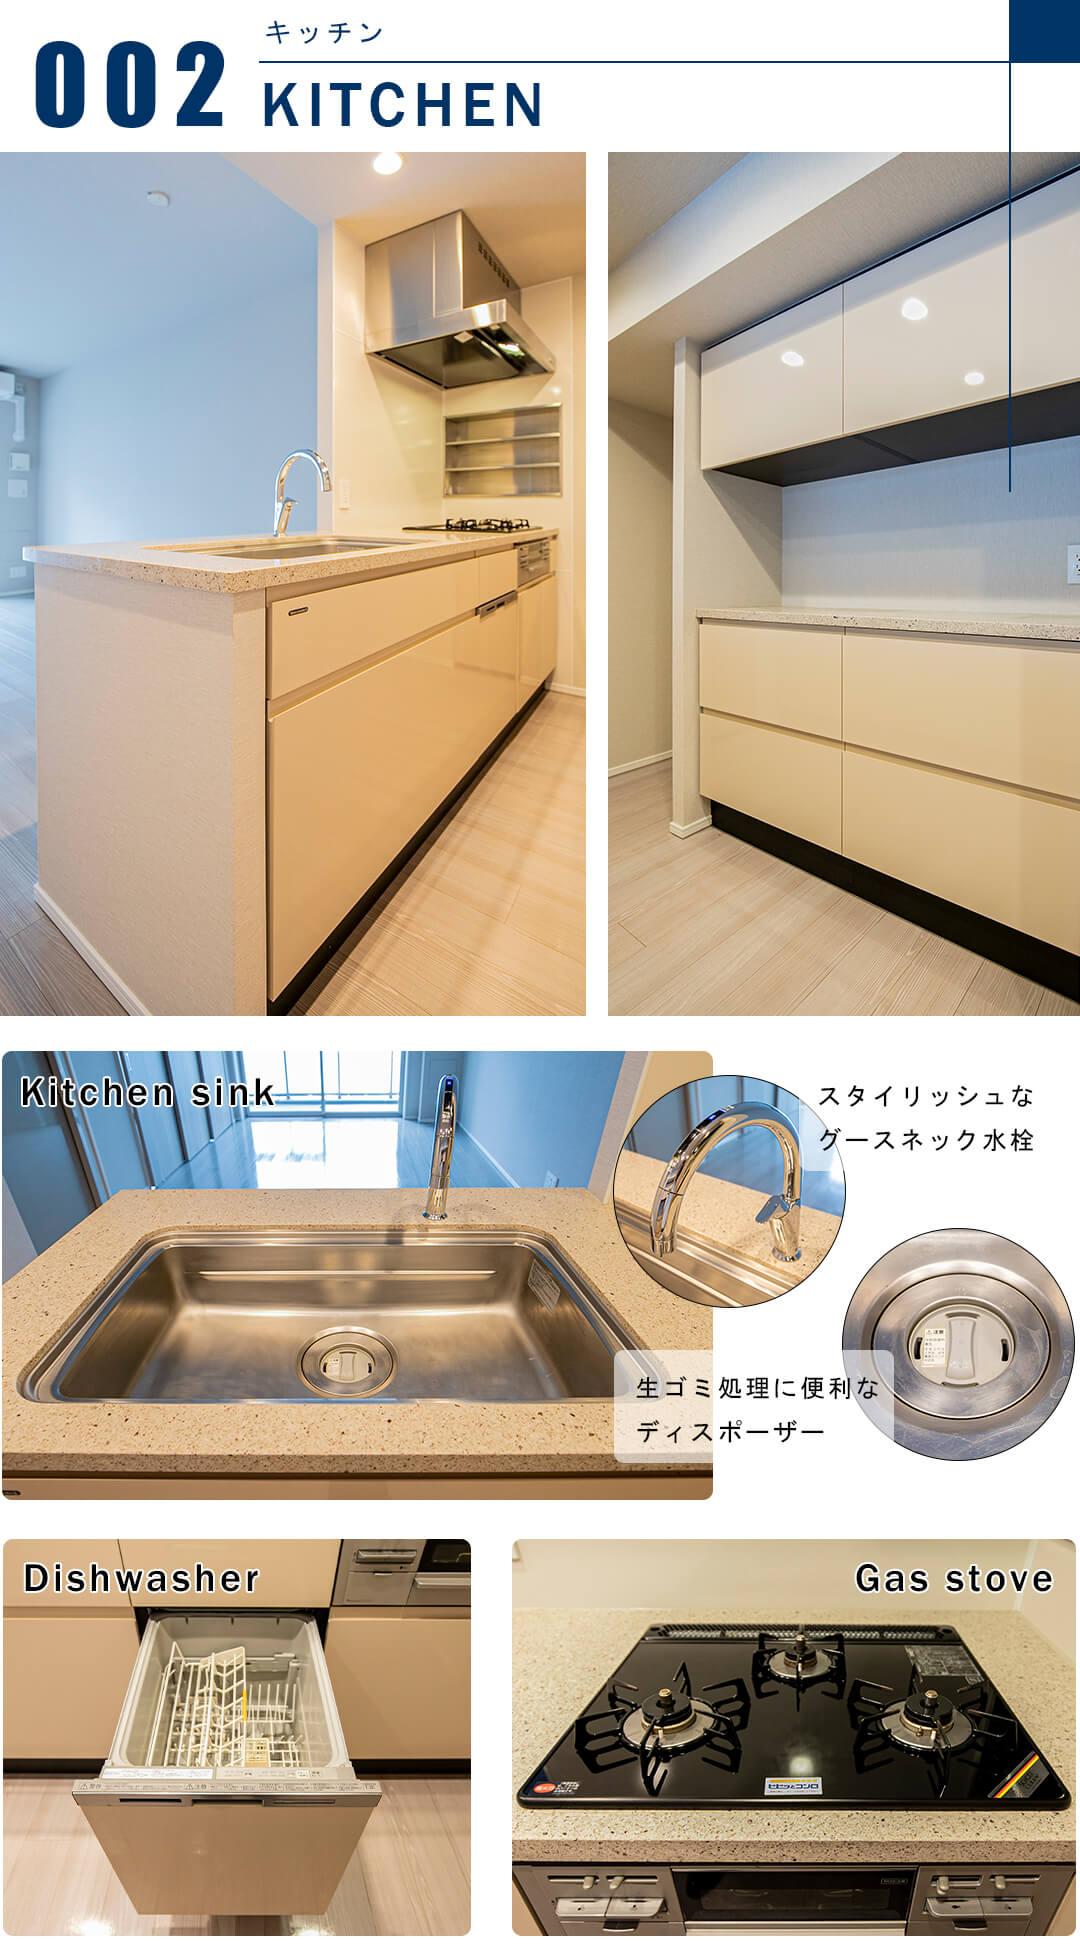 PREMIST新宿山吹のキッチン